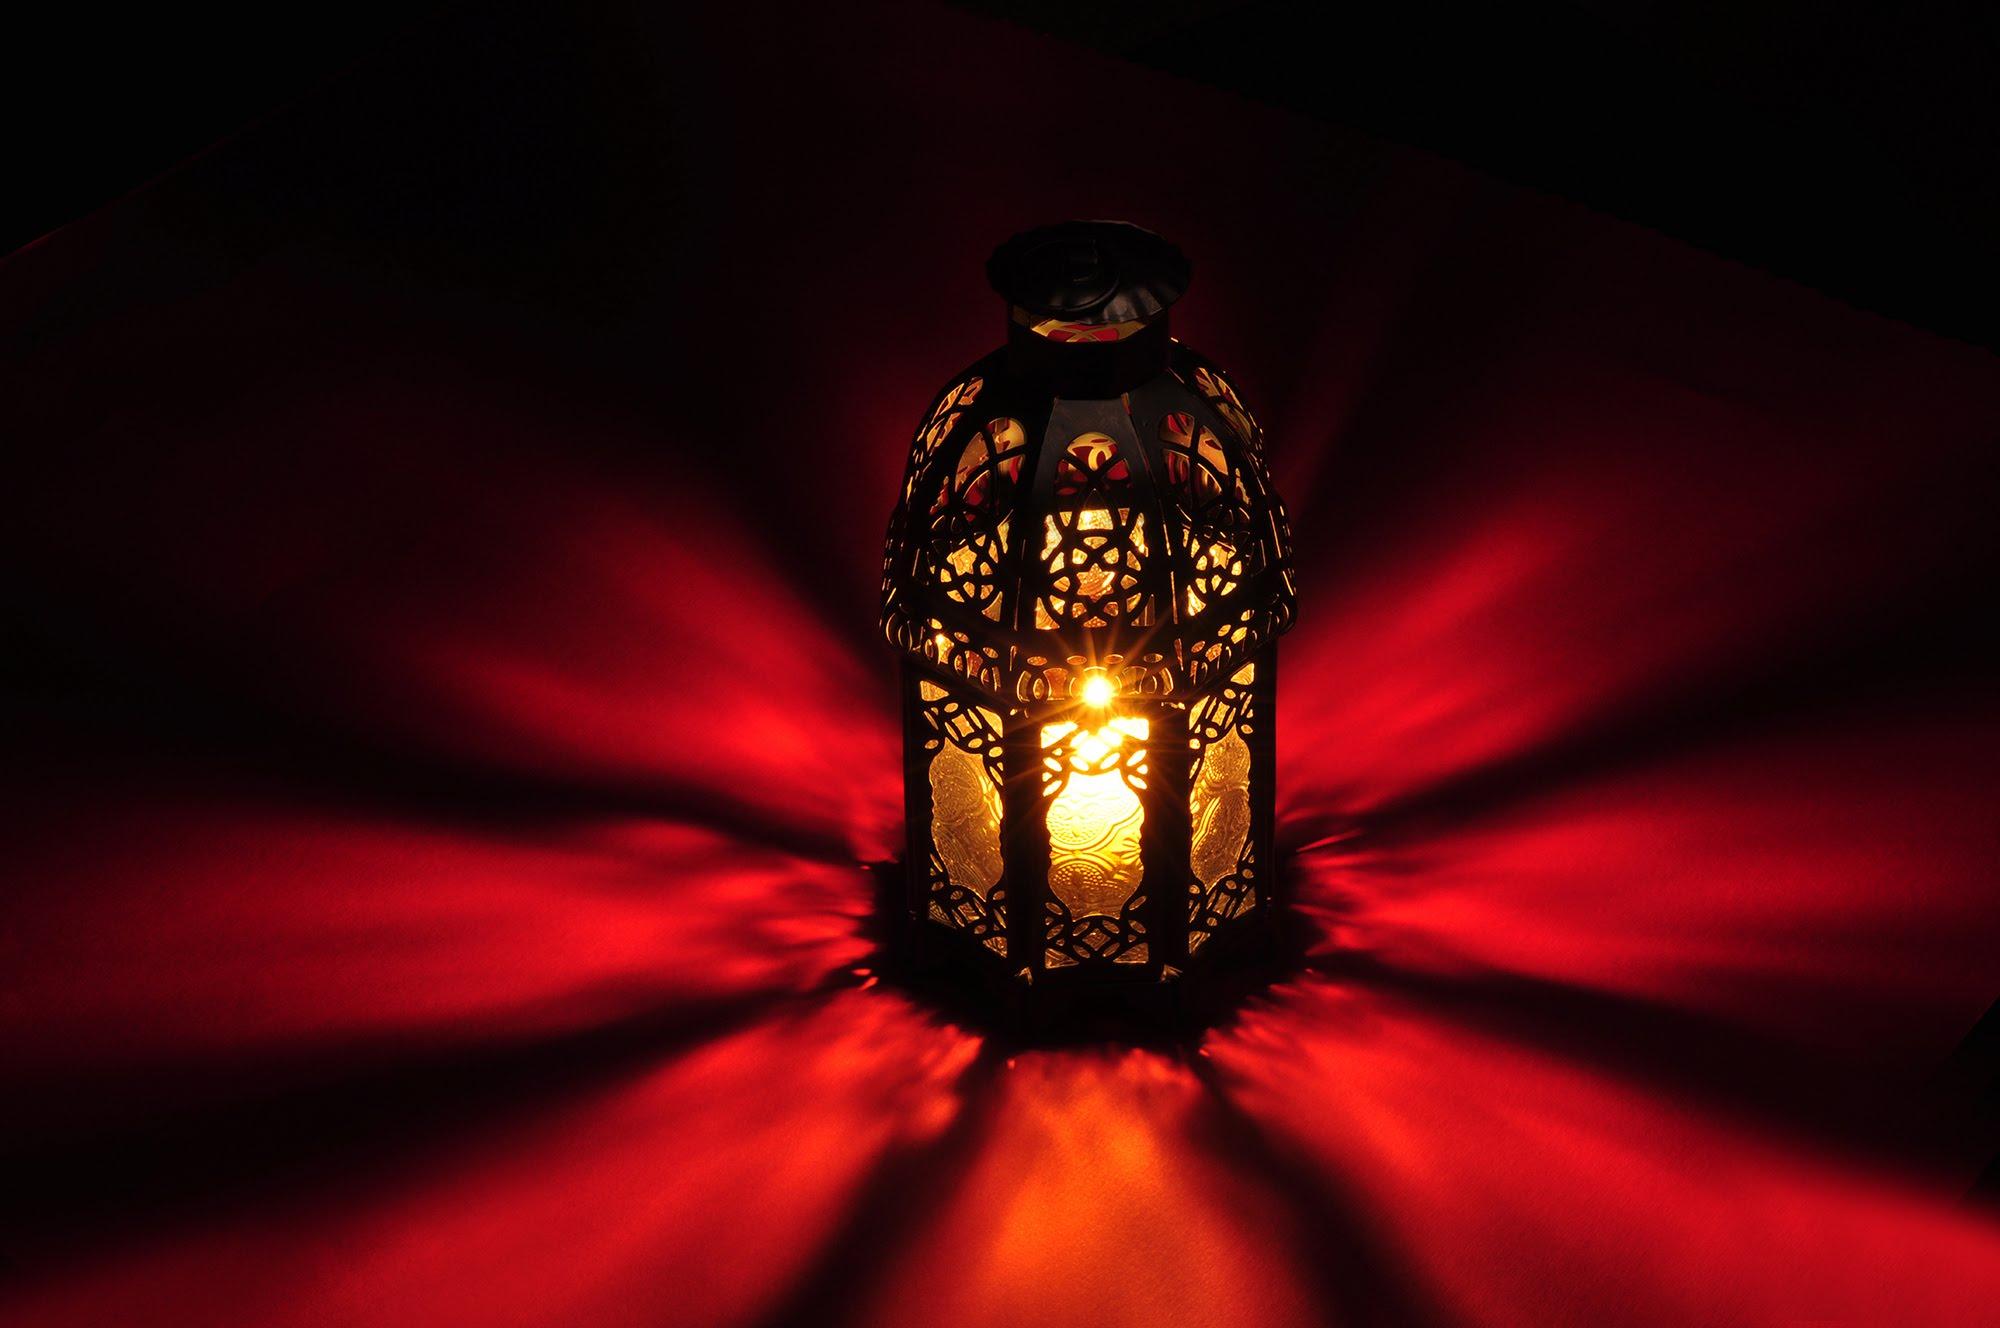 بالصور فانوس رمضان , احلى فوانيس رمضان 2019 472 2